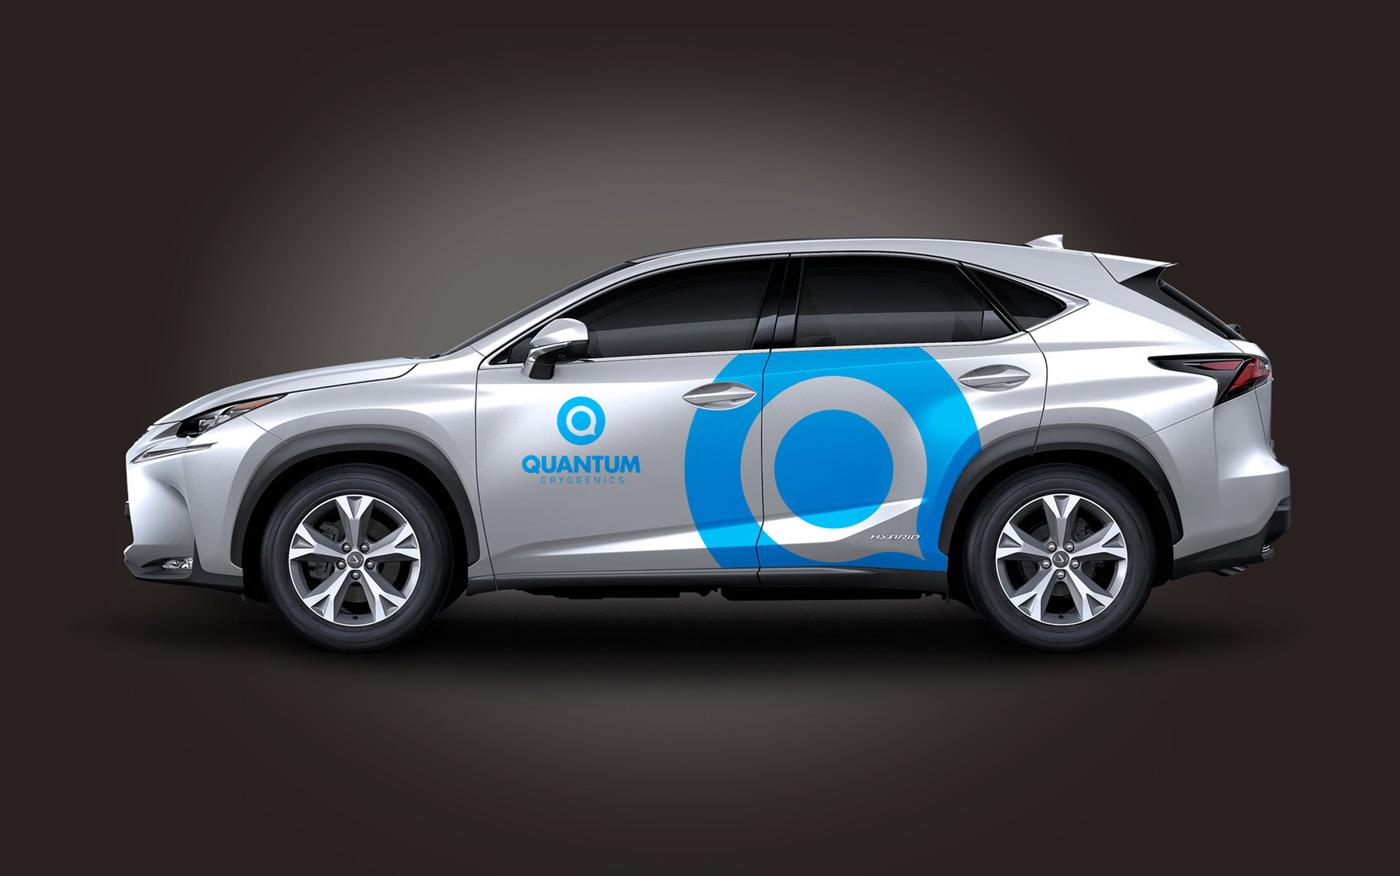 Quantum vehicle livery design